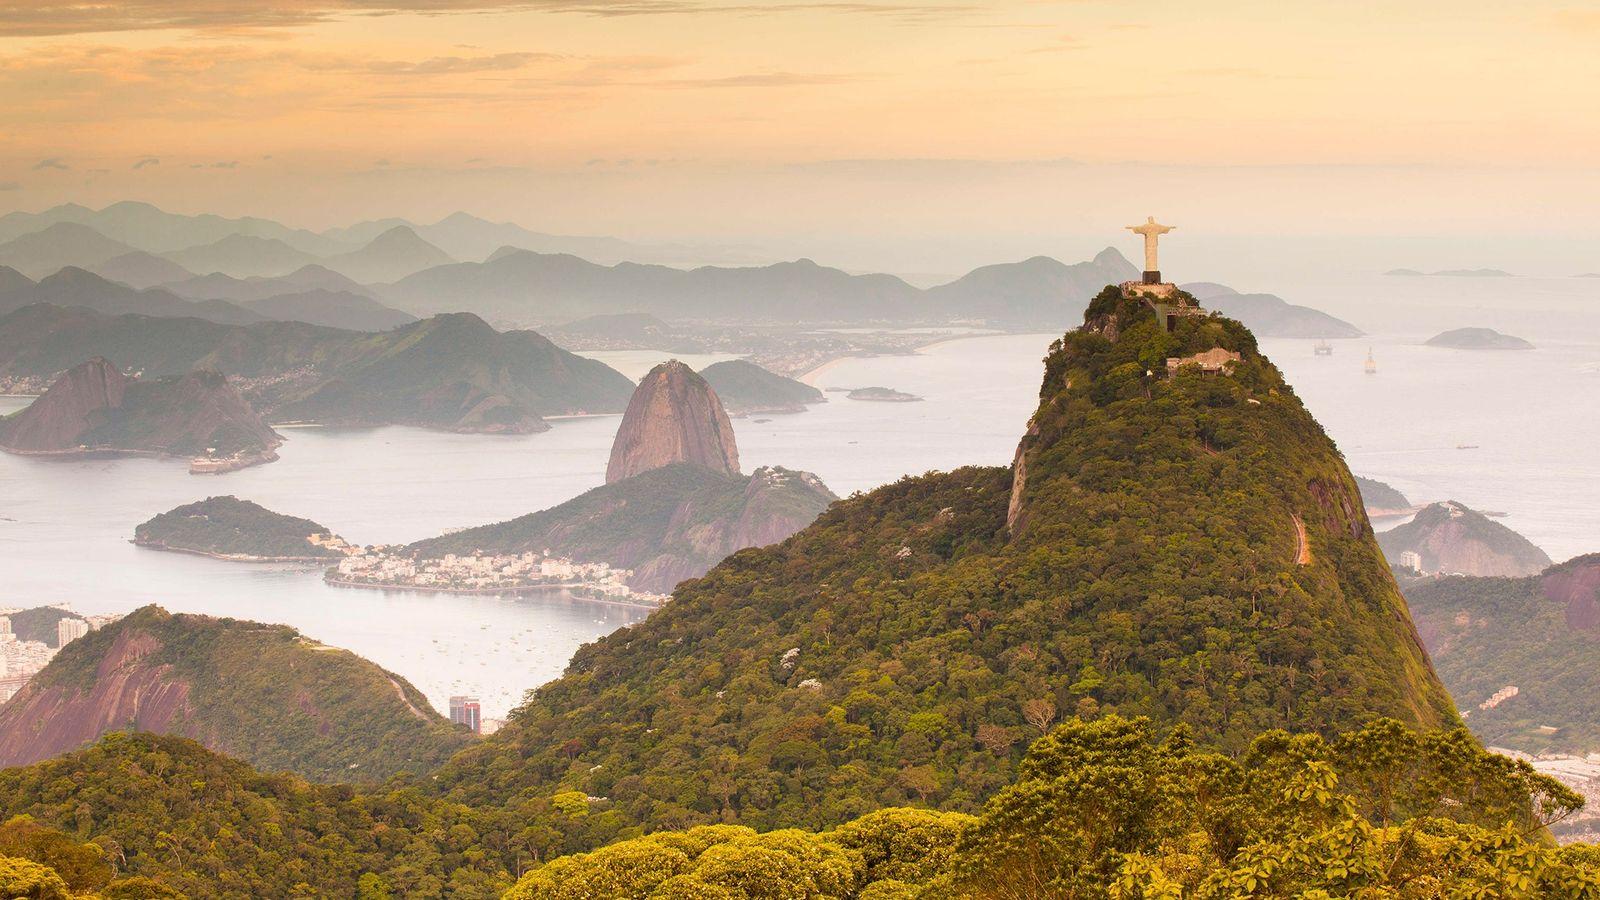 A famosa estátua do Cristo Redentor, cercada pela Floresta da Tijuca, contempla o Rio de Janeiro ...